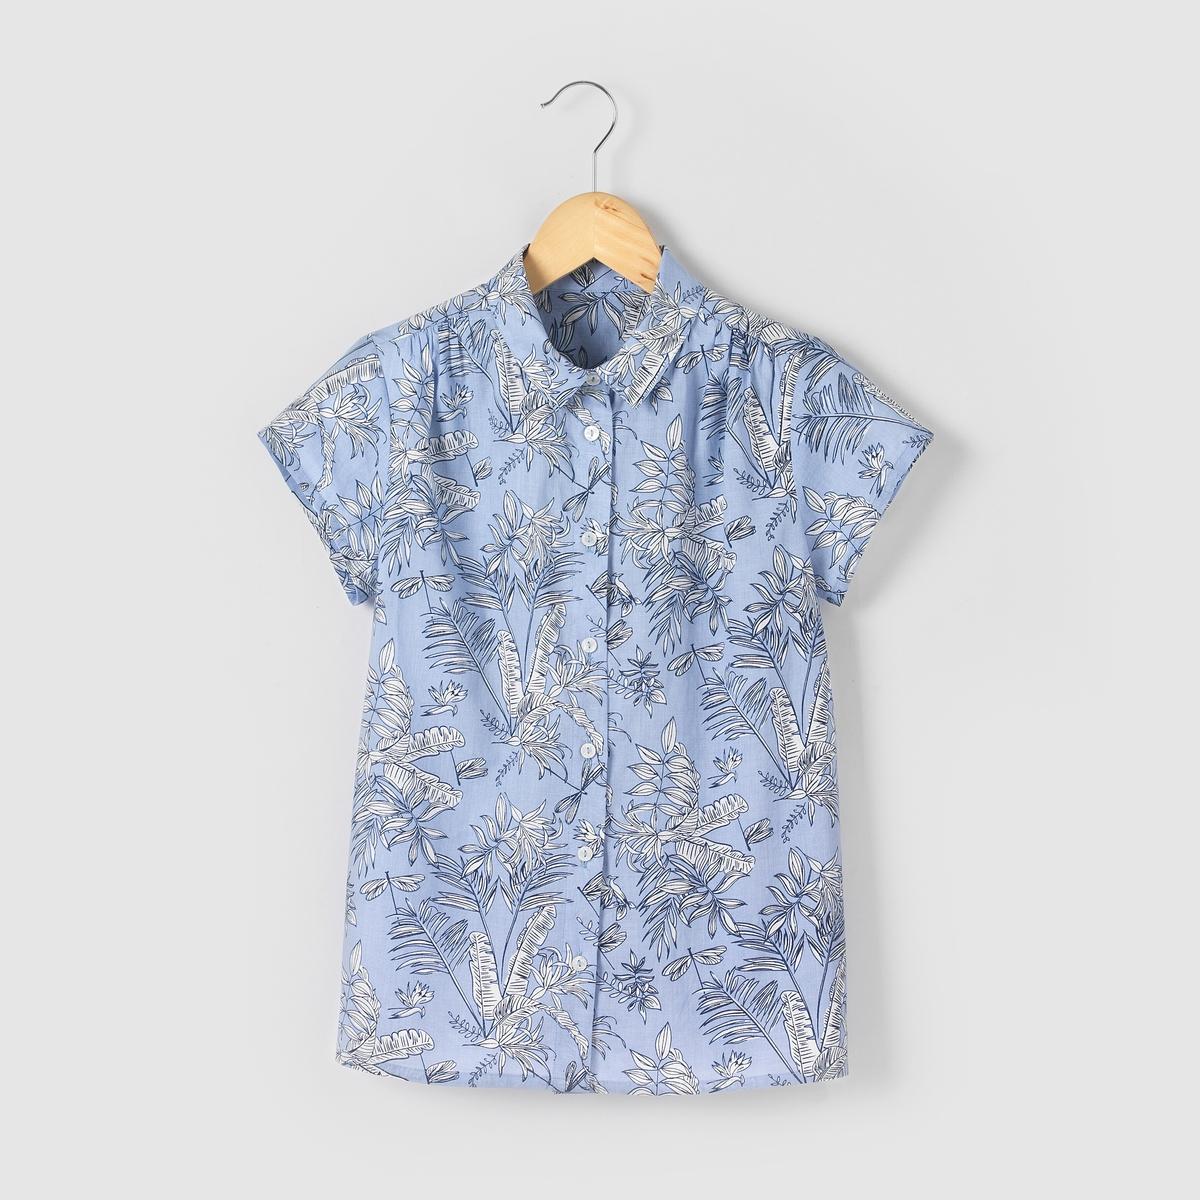 Рубашка с тропическим рисунком, 10-16 летМожно носить с завязкой спереди или без нее. Сборки на плечах. Короткие рукава.    Застежка на пуговицы. Состав и описаниеМатериал       100% хлопкаУХОДСтирать и гладить с изнаночной стороныМашинная стирка при 30°C, с вещами подобных цветовМашинная сушка в умеренном режимеГладить при умеренной температуре.<br><br>Цвет: рисунок тропики<br>Размер: 10 лет - 138 см